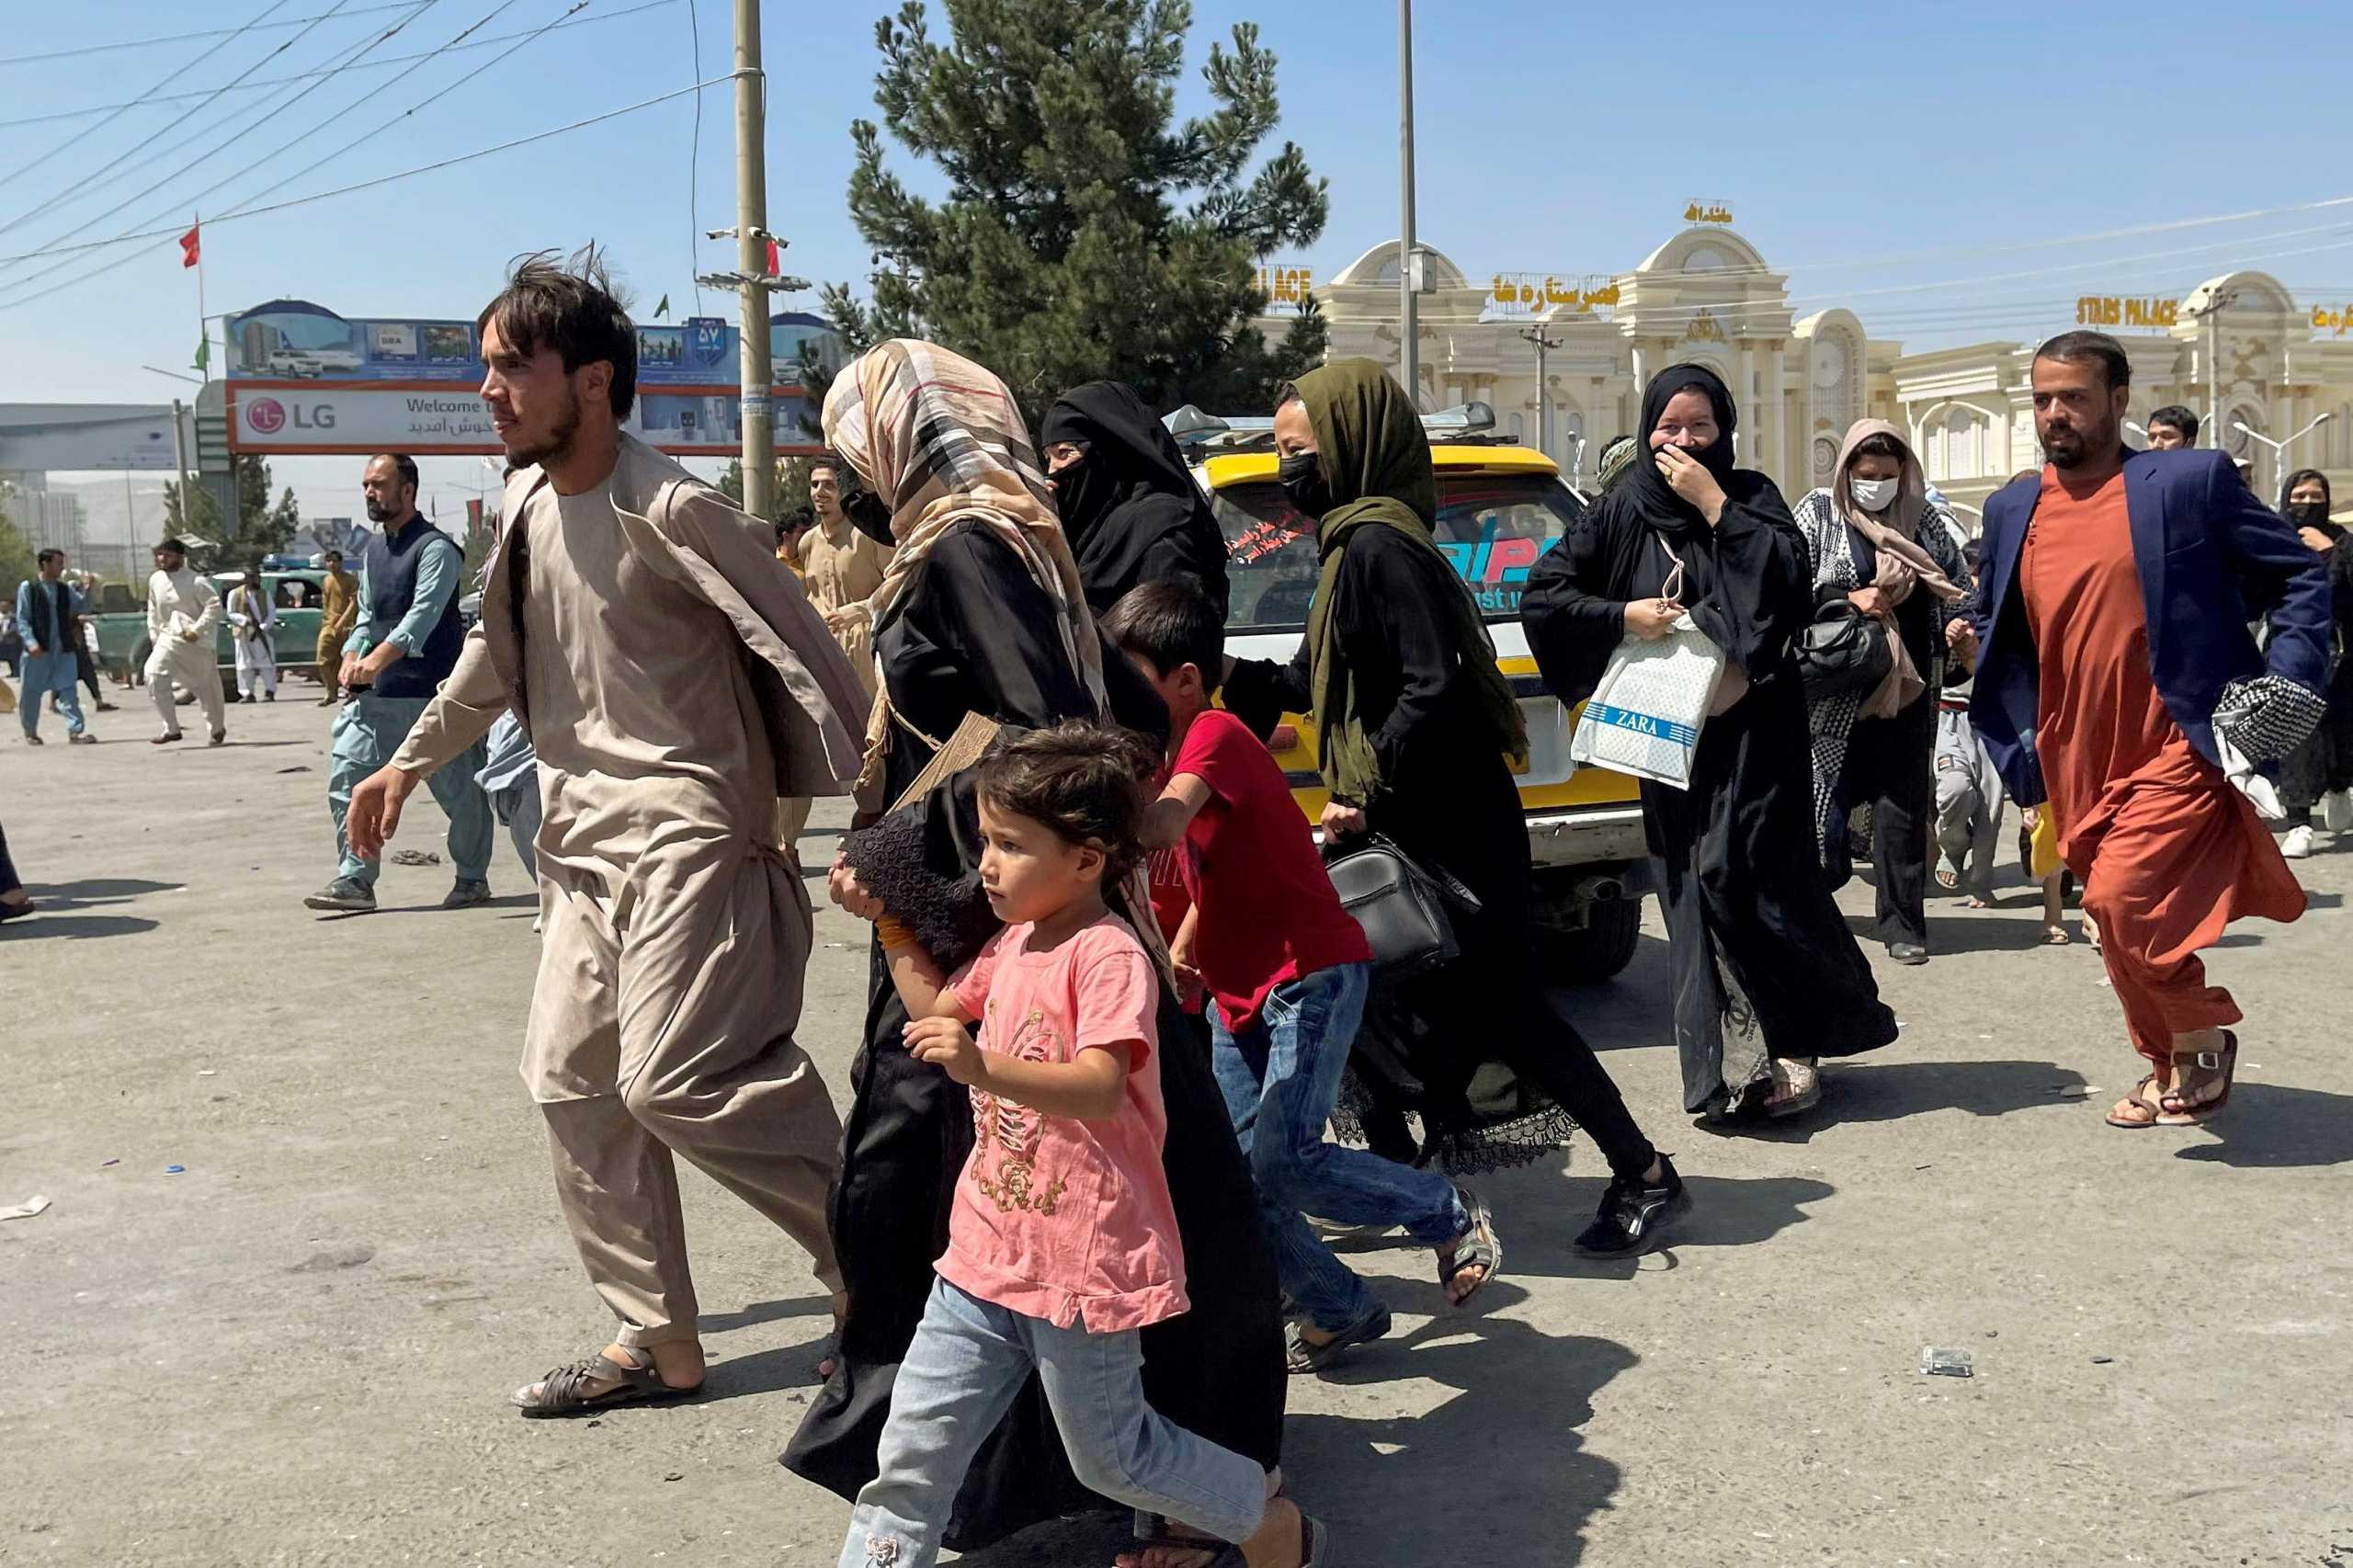 Γαλλία για Αφγανιστάν: Χρειάζεται περισσότερος χρόνος για τις απομακρύνσεις των πολιτών